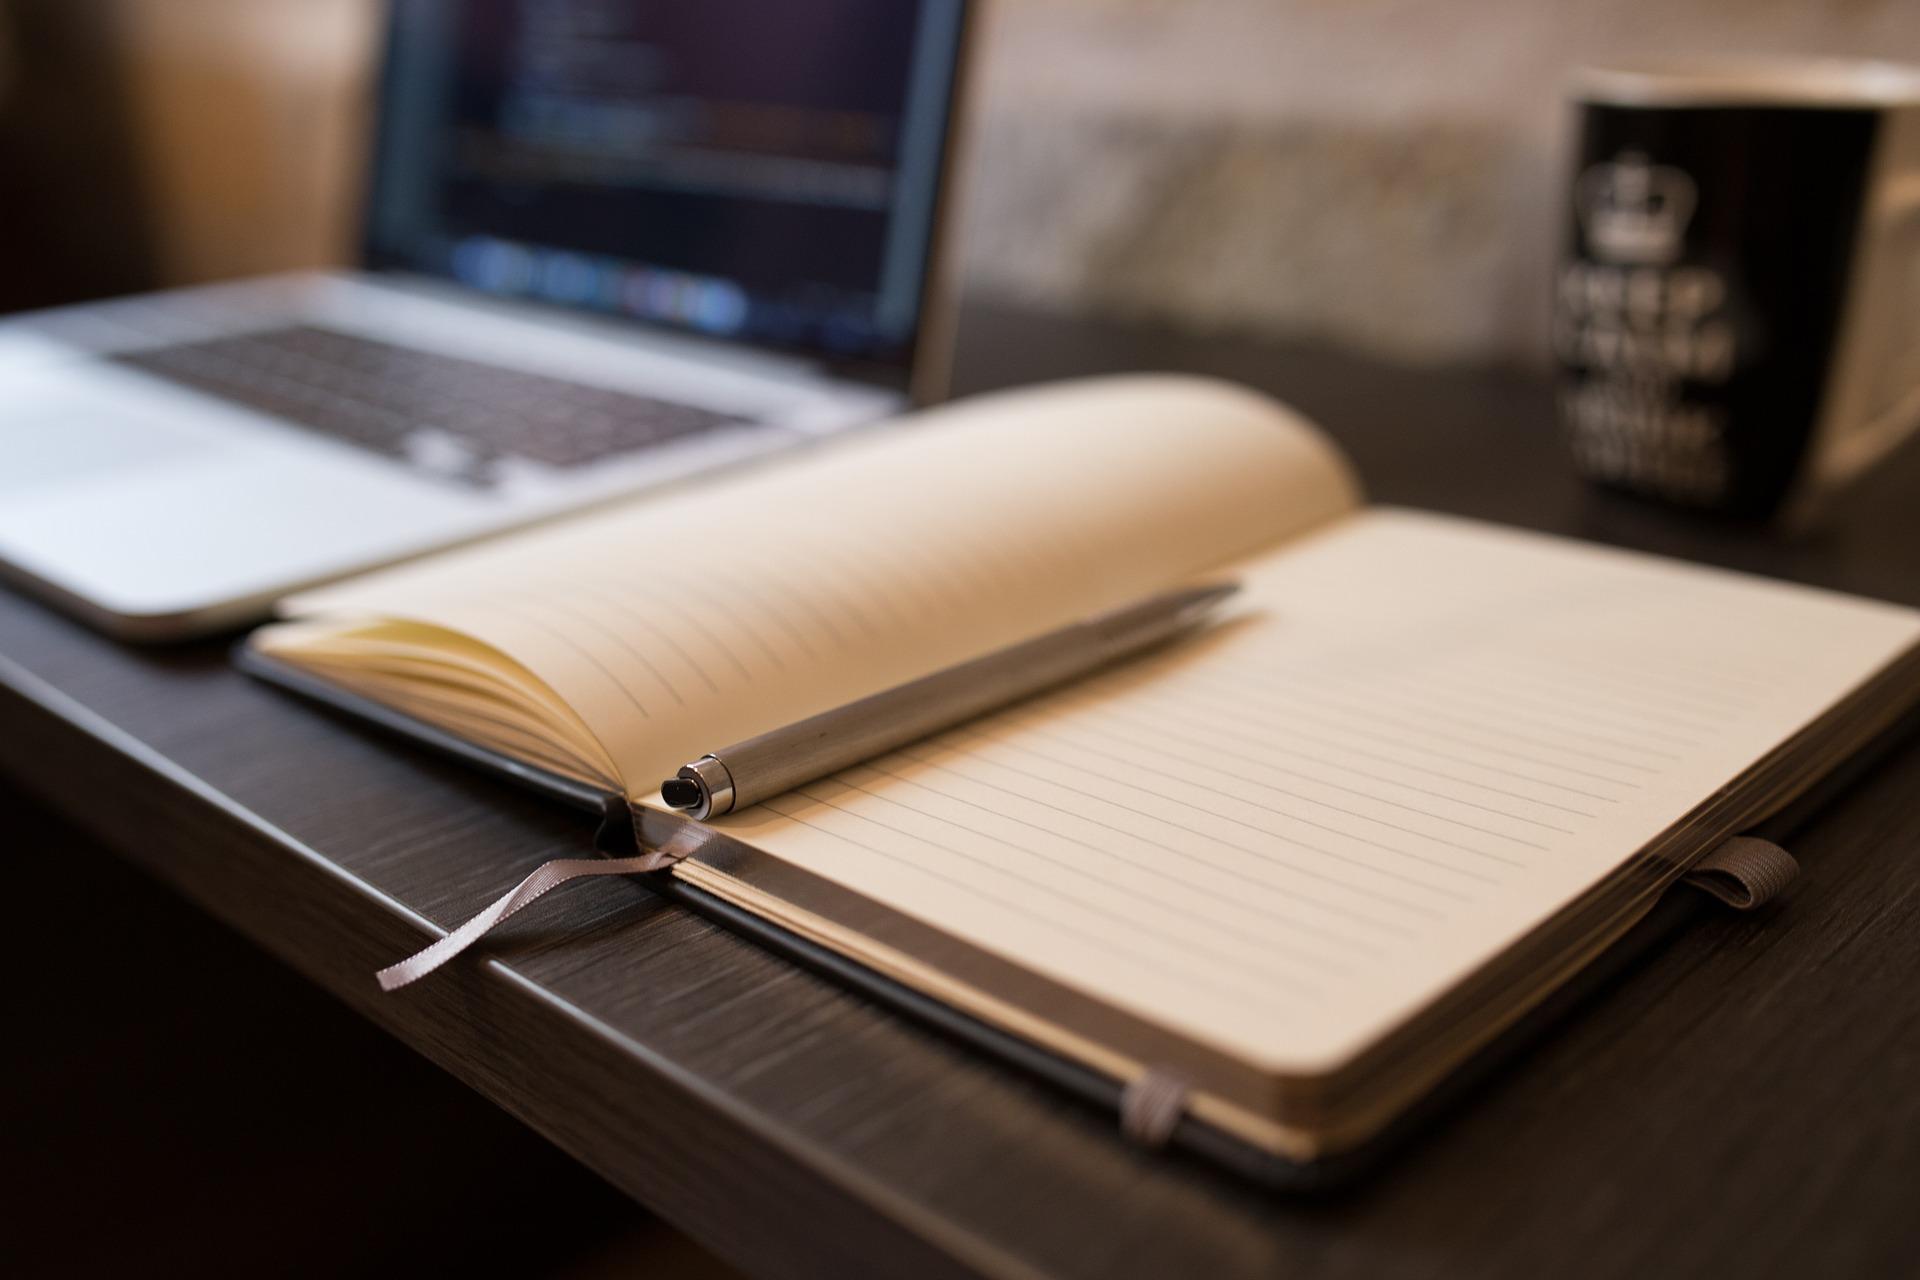 contacter Alrick , un bureau avec un bloc note prêt à étudier une problématique